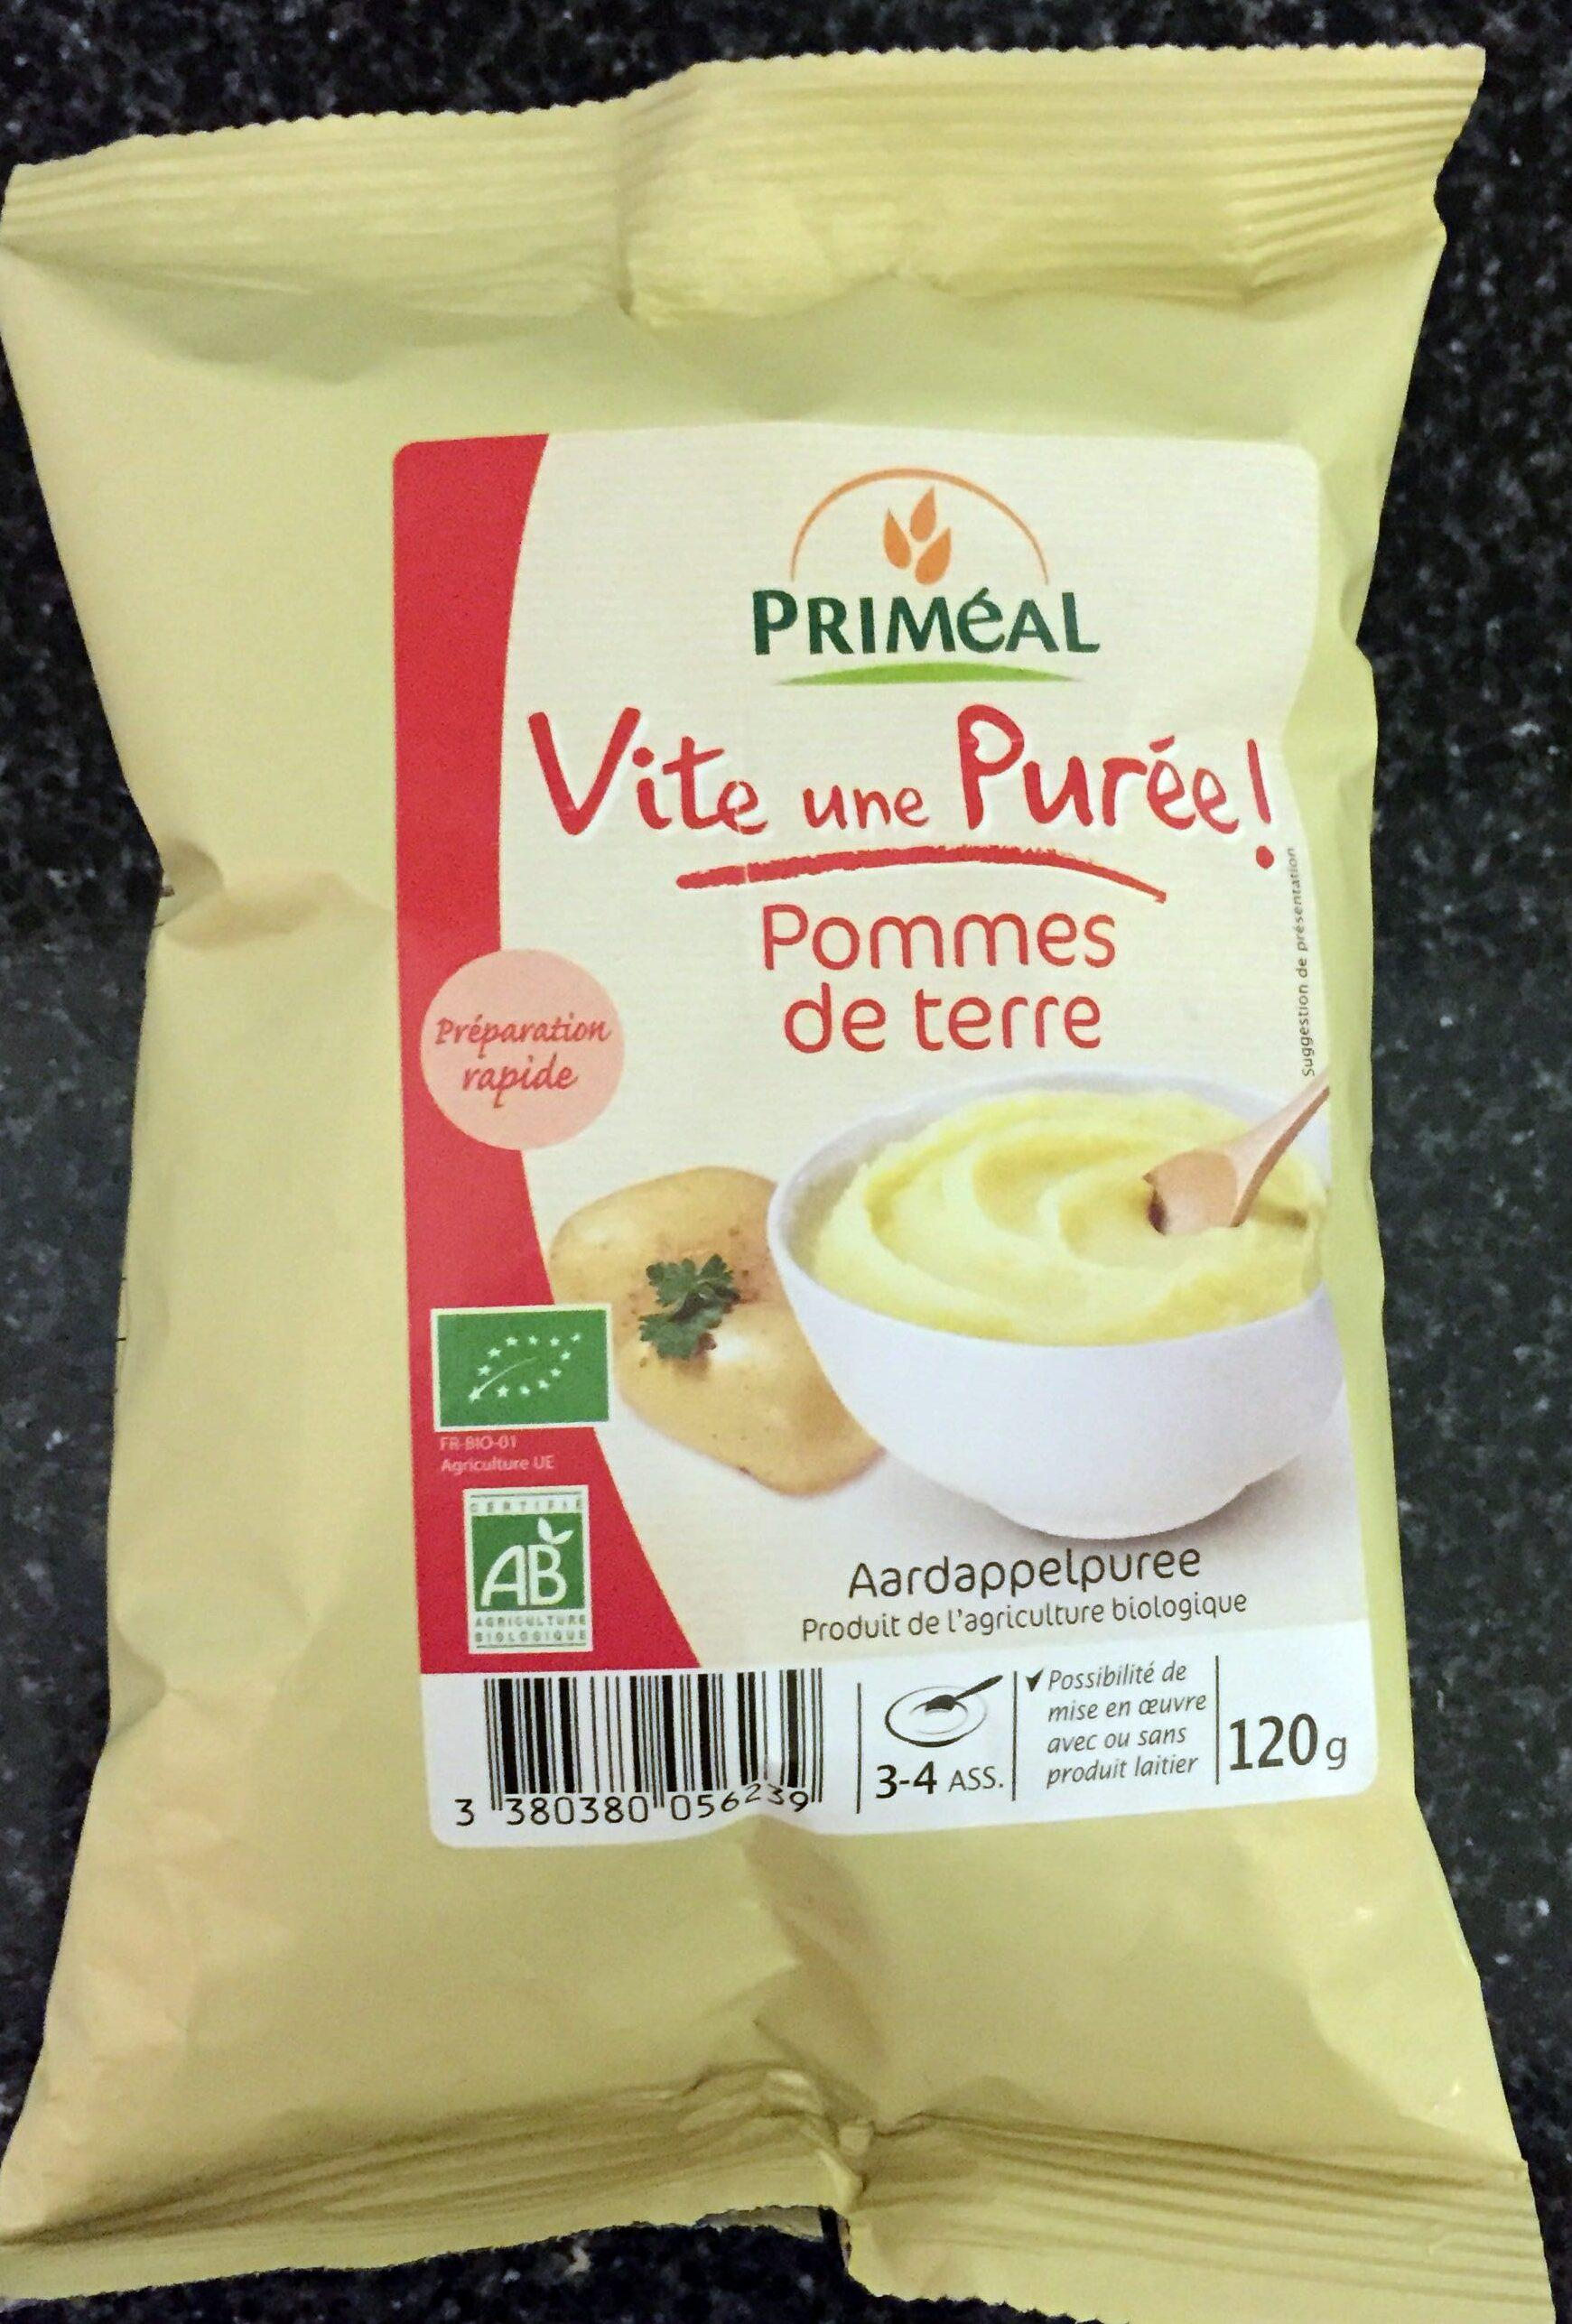 Purée de pommes de terre - Prodotto - fr